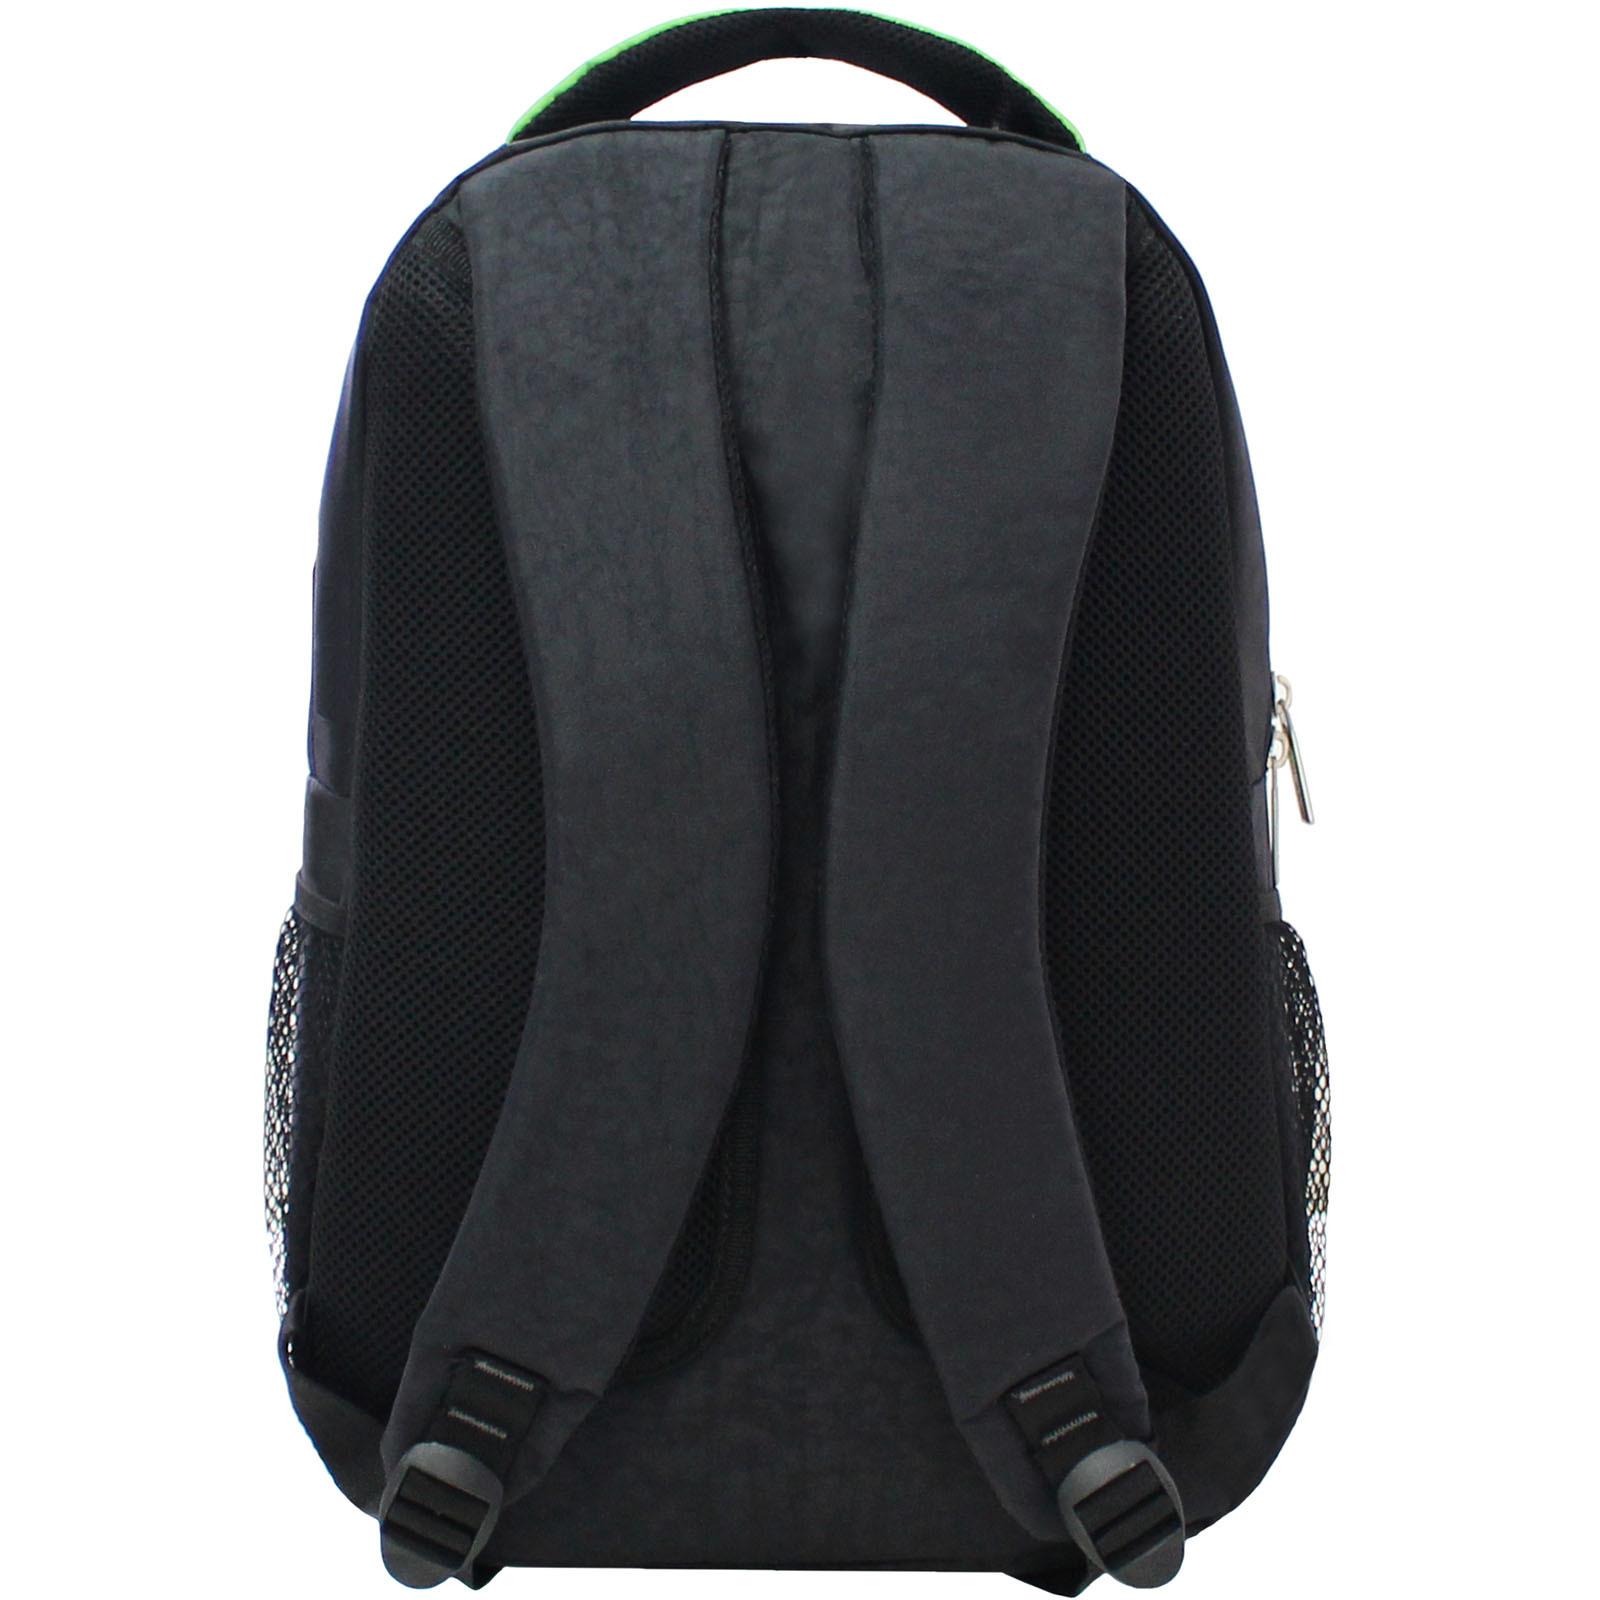 Рюкзак Bagland Лик 21 л. Чёрный / салатовый (0055770) фото 3